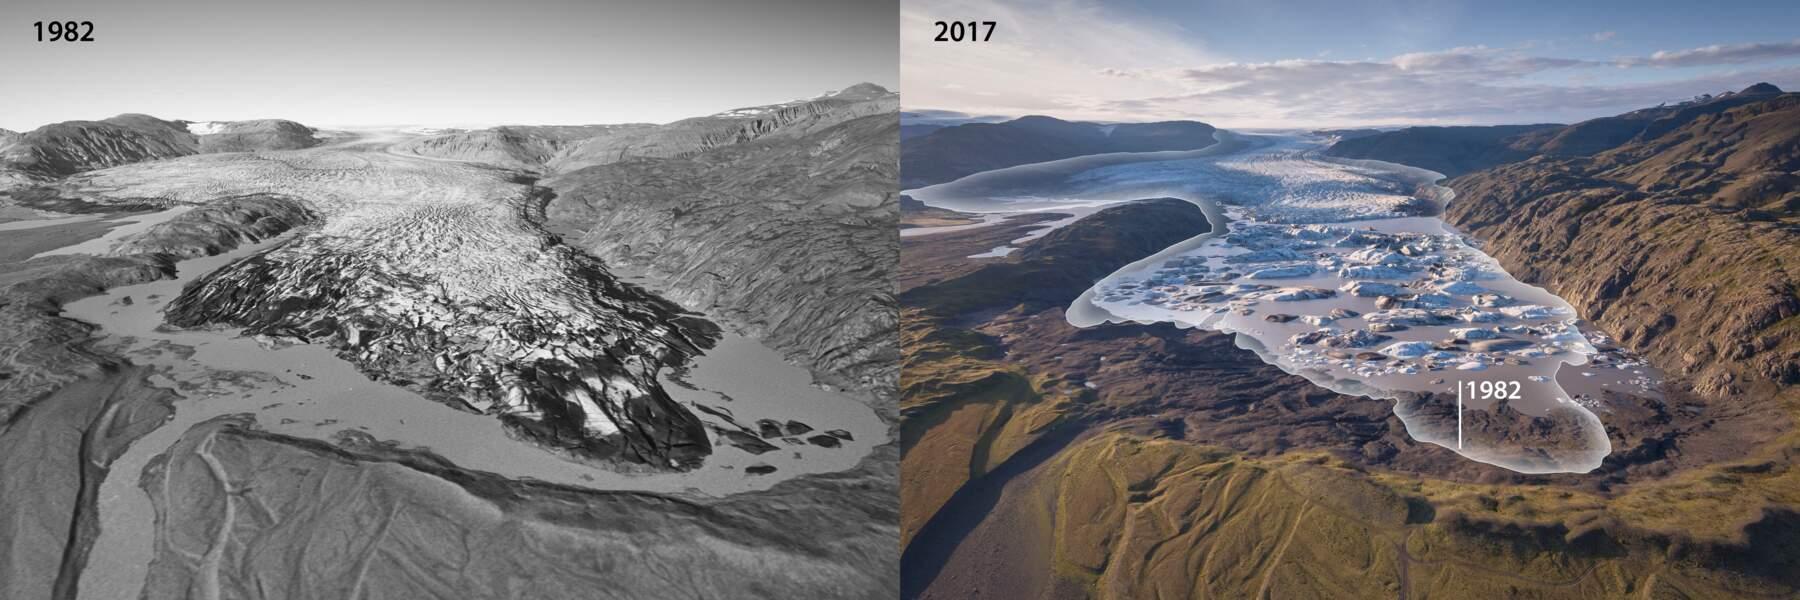 Hoffellsjökull (encore lui) en 1982 et en 2017